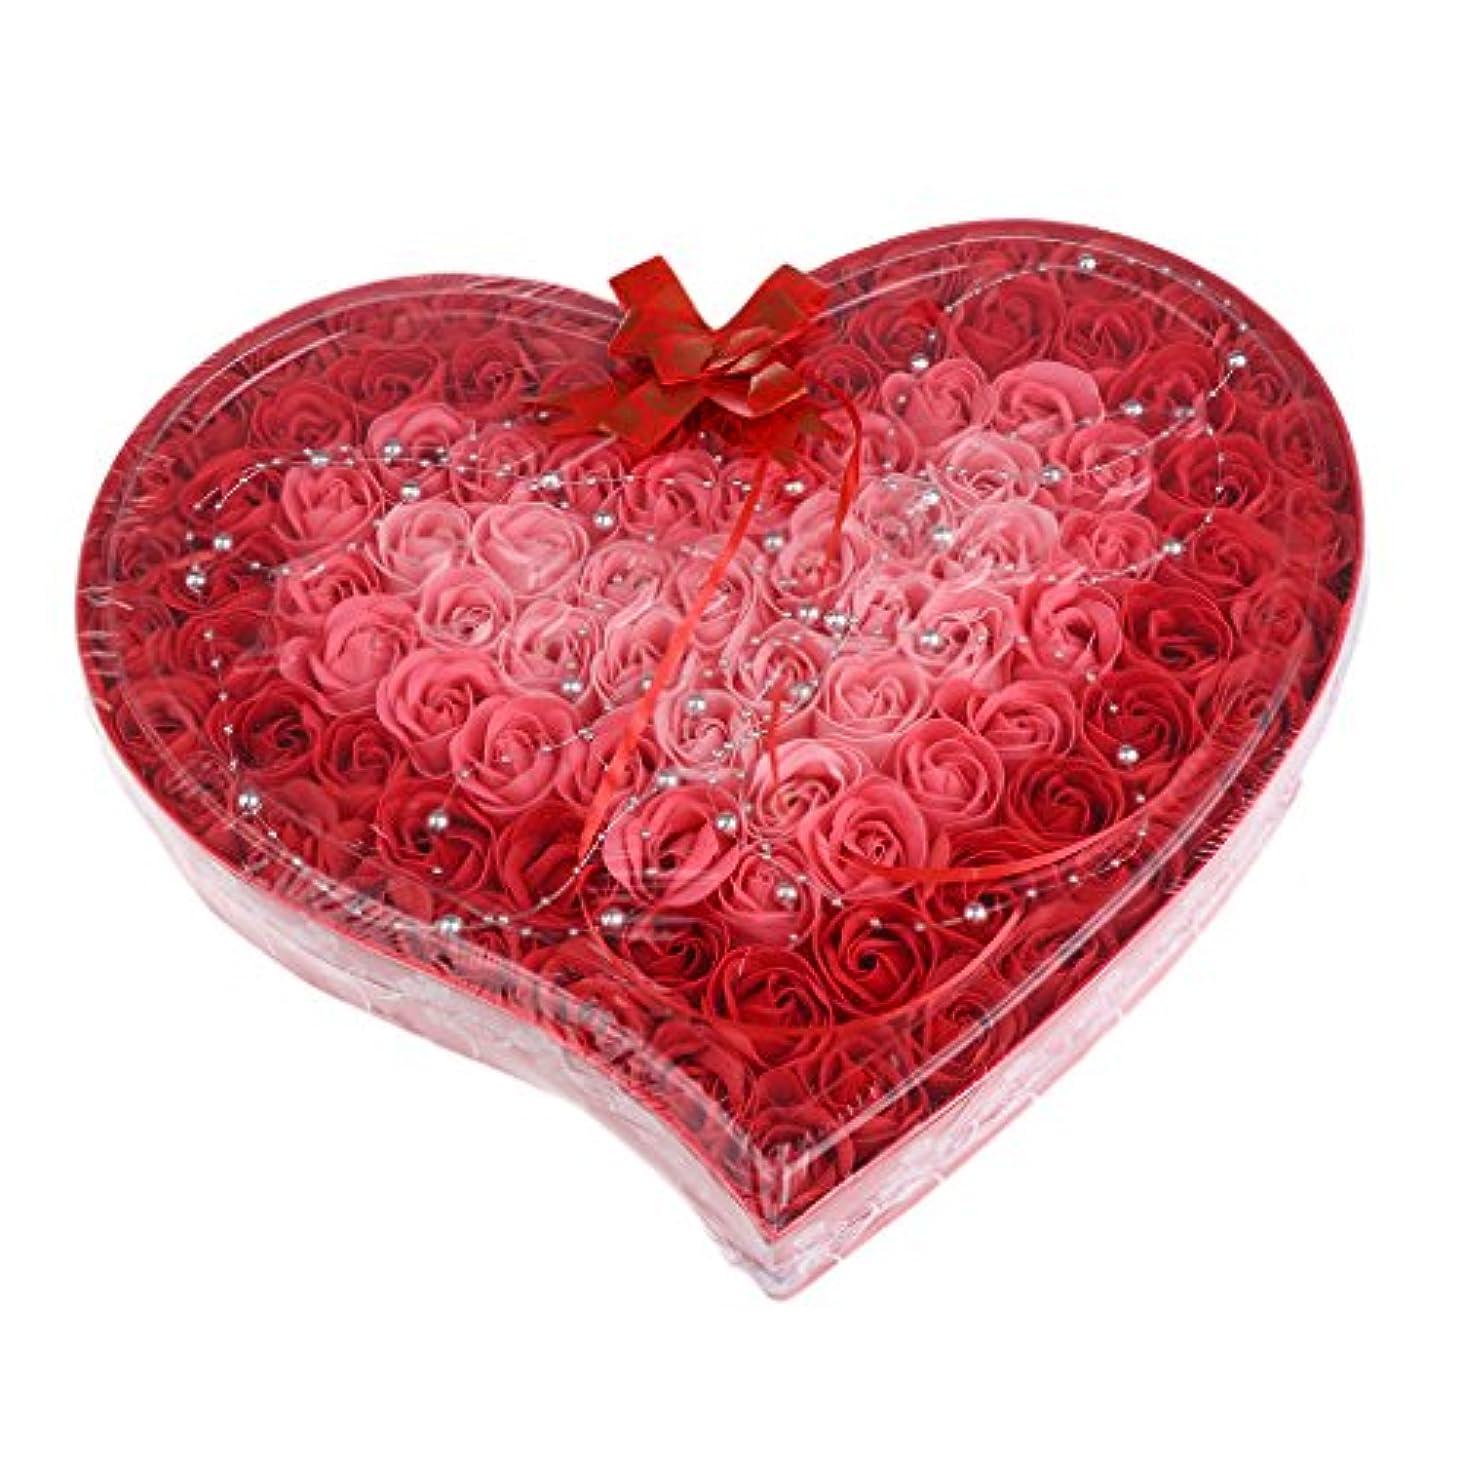 について性交楽なBaosity 約100個 ソープフラワー 石鹸の花 母の日 心の形 ギフトボックス バレンタインデー ホワイトデー 母の日 結婚記念日 プレゼント 4色選択可 - 赤